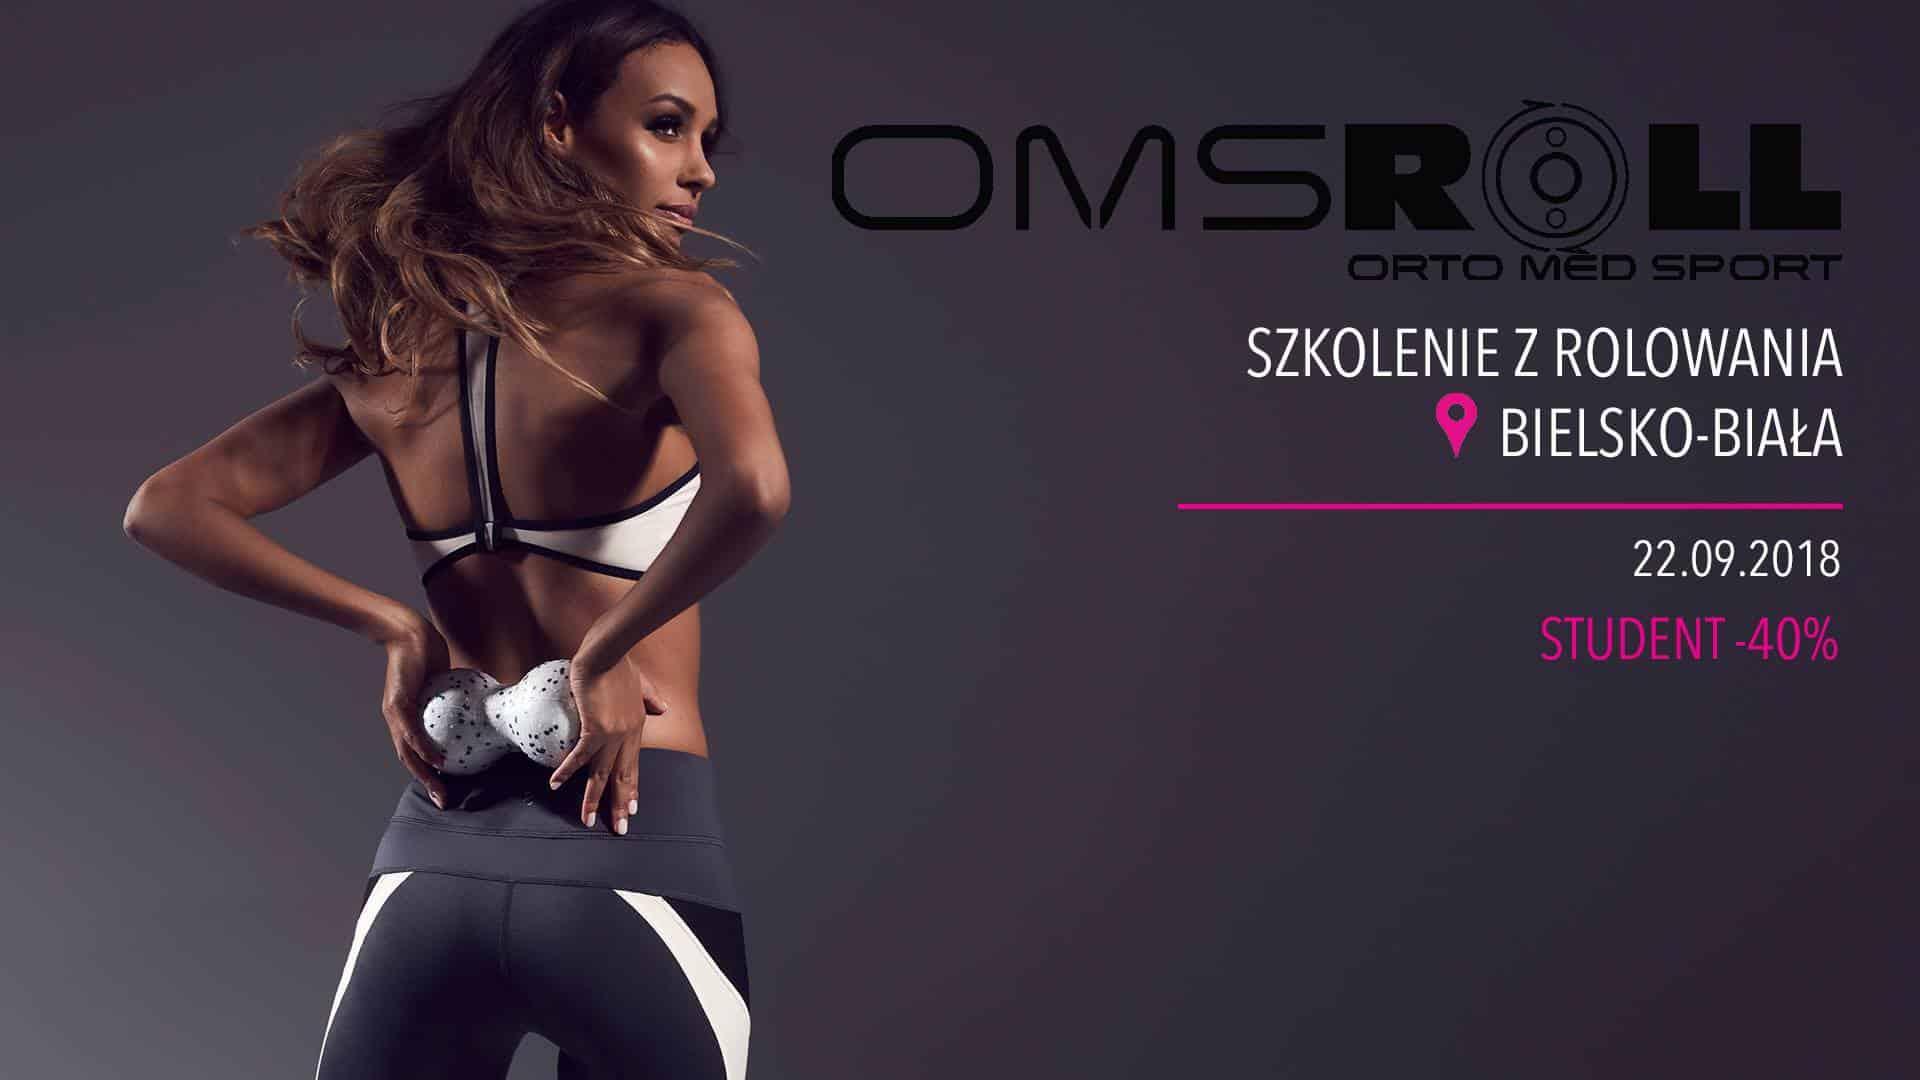 Szkolenie OMS ROLL 22.09.2018 Bielsko-Biała